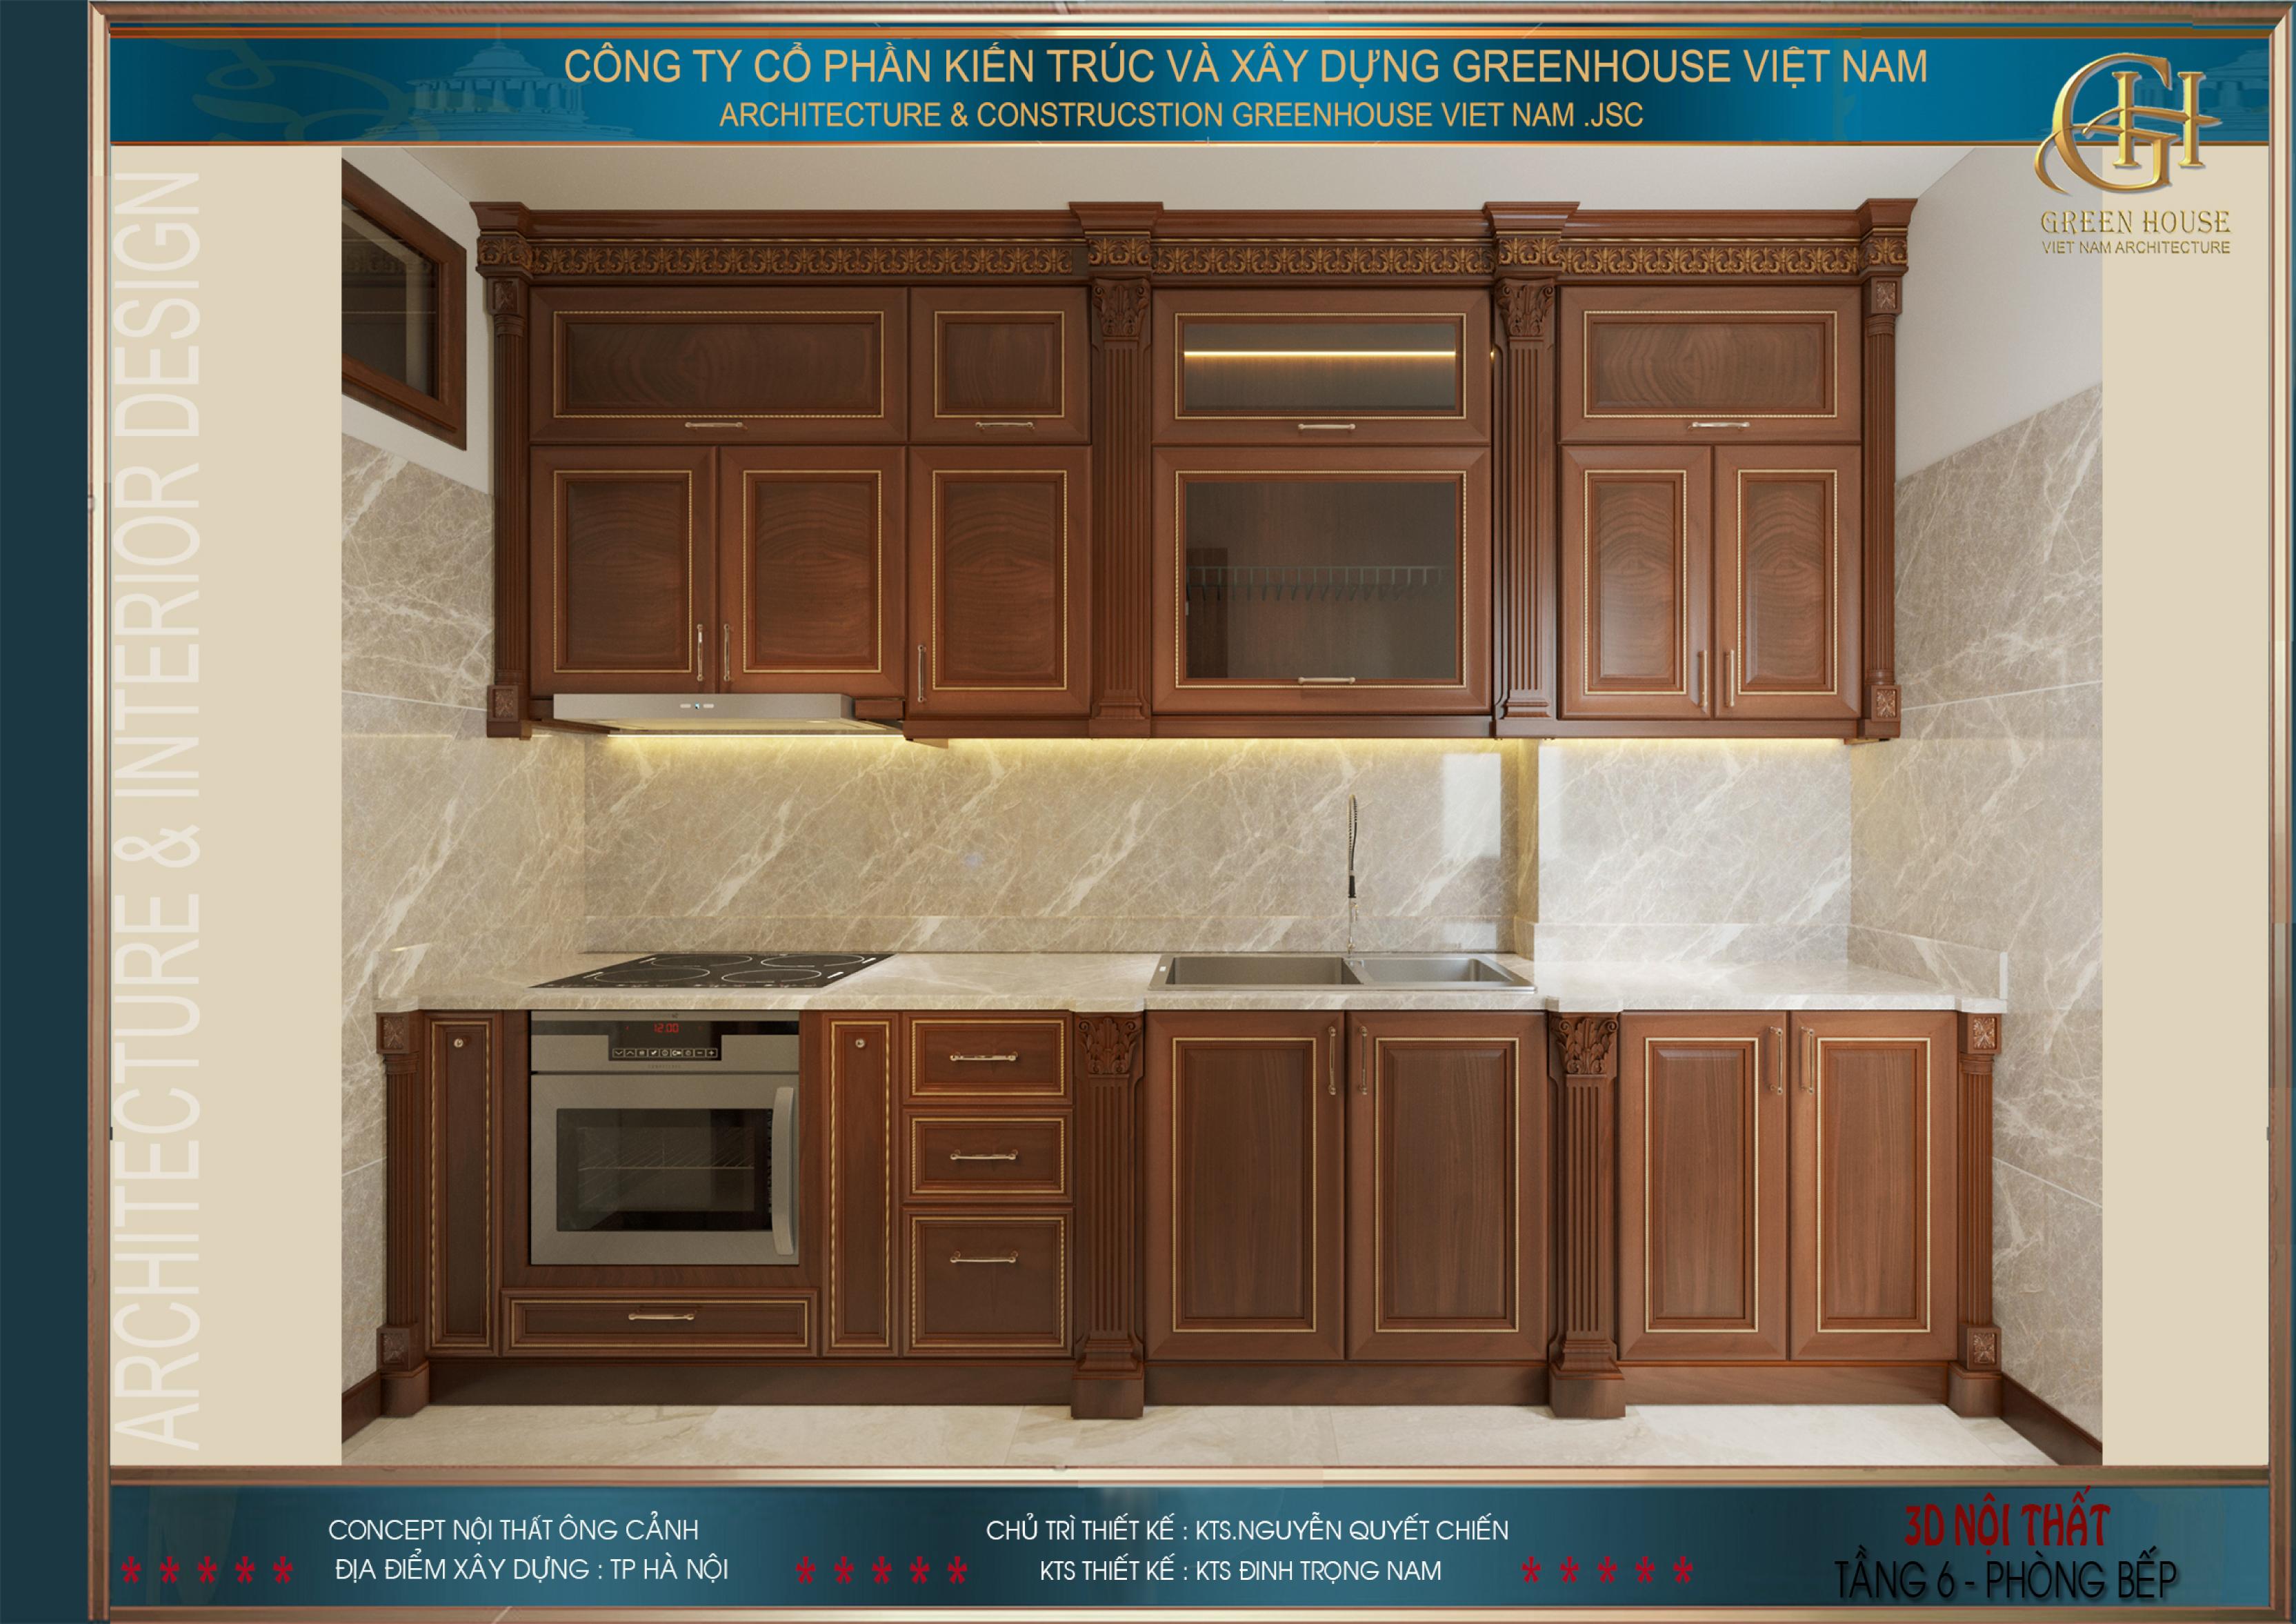 Không gian phòng bếp được thiết kế đơn giản hơn